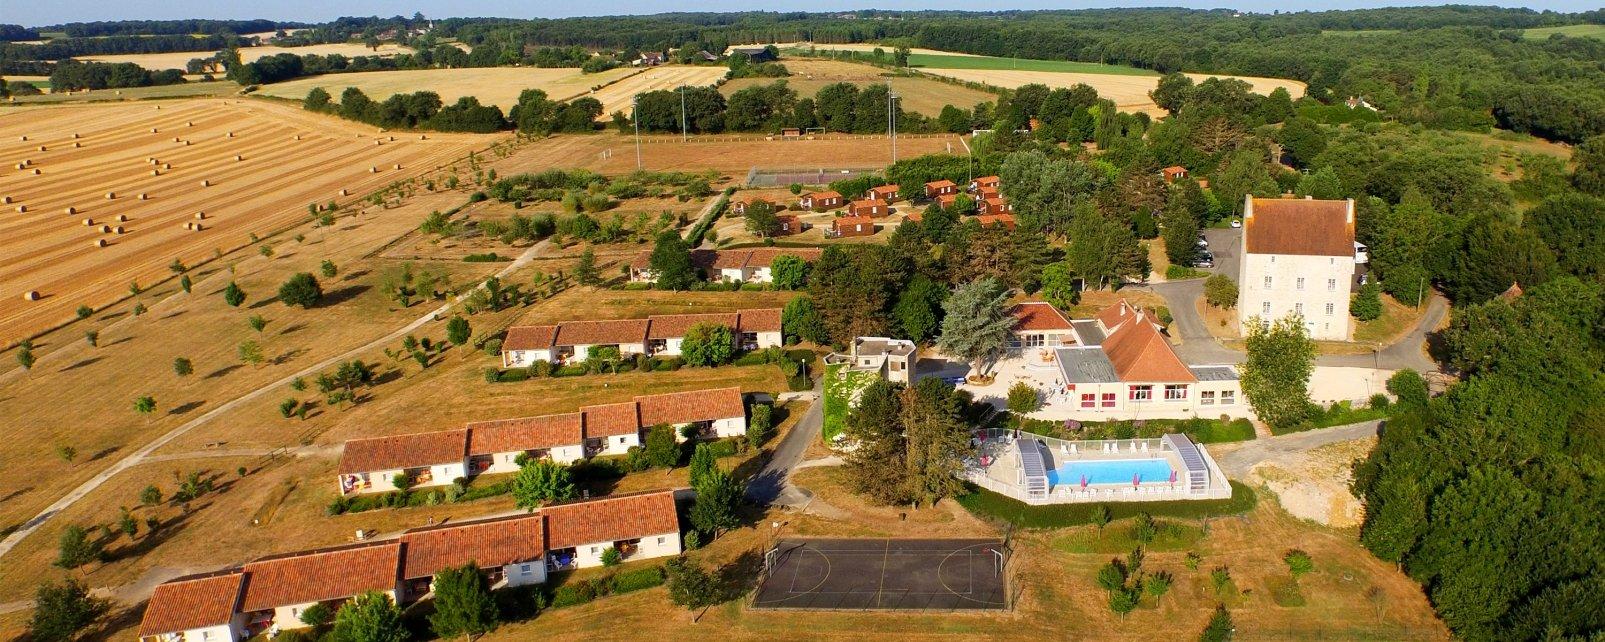 VVF Villages Le Domaine du Poitou